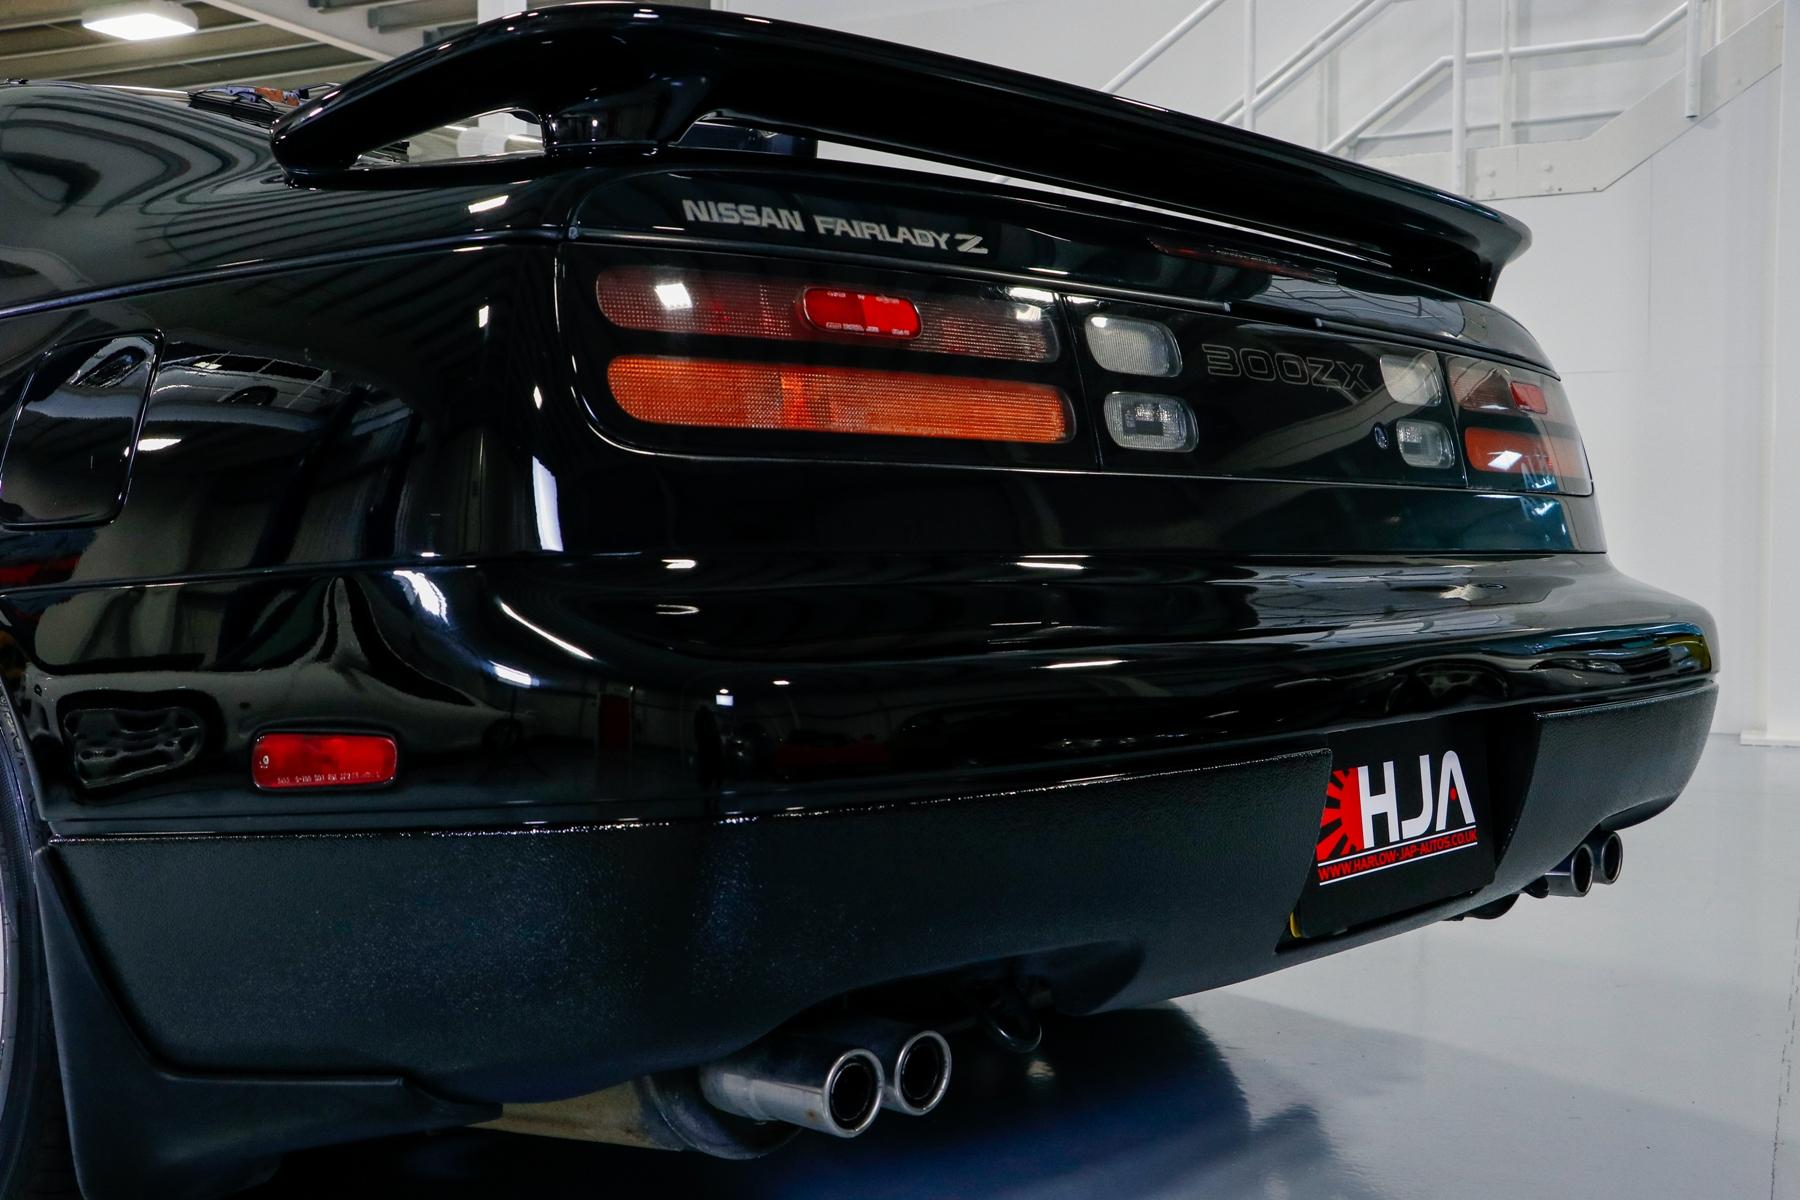 HJA382.023